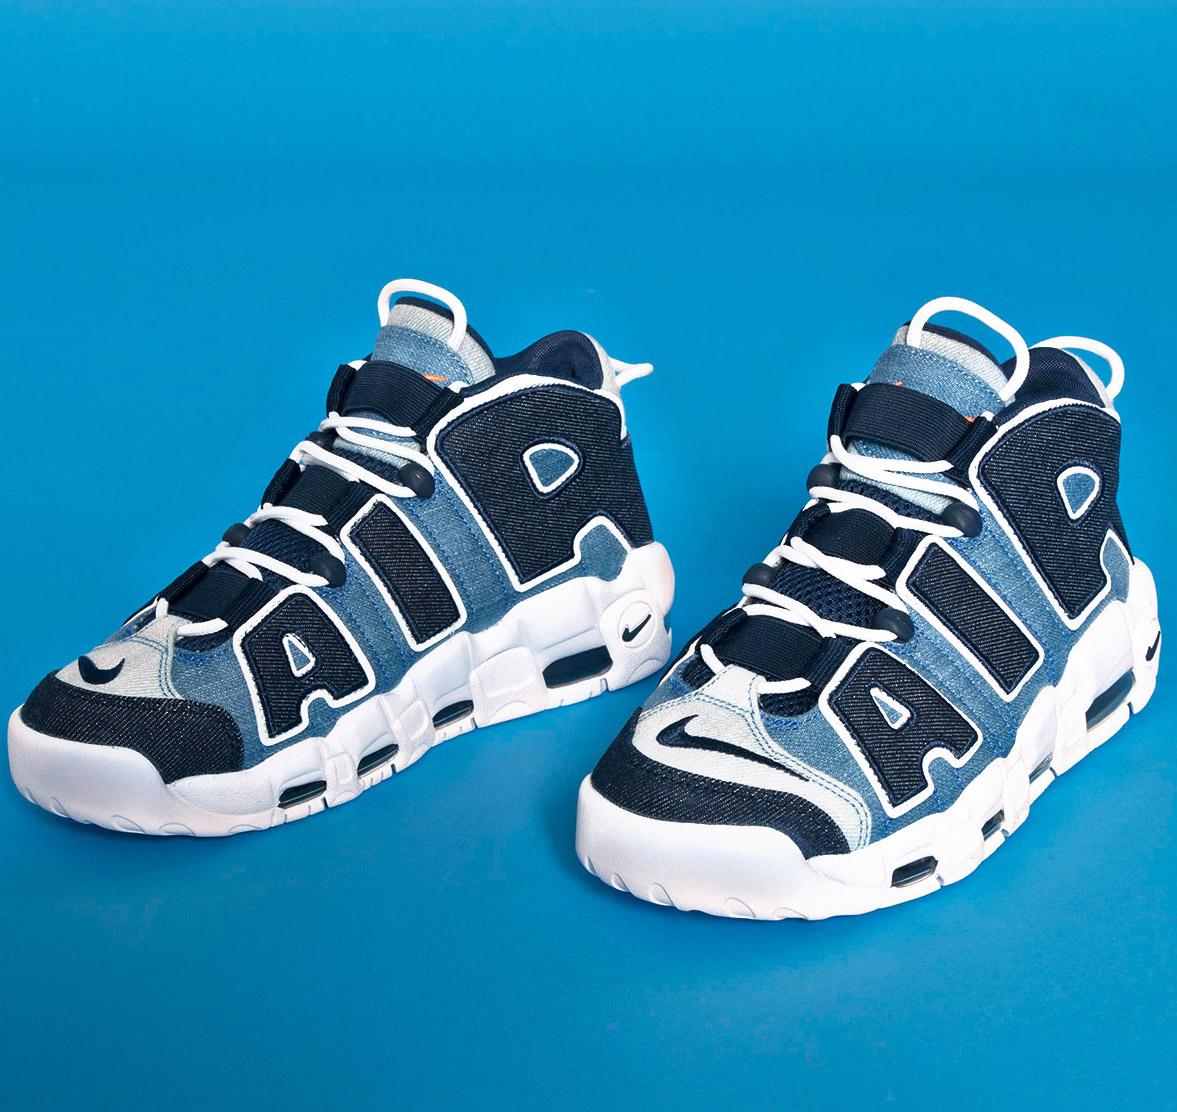 Nike Air More Uptempo 96 QS \